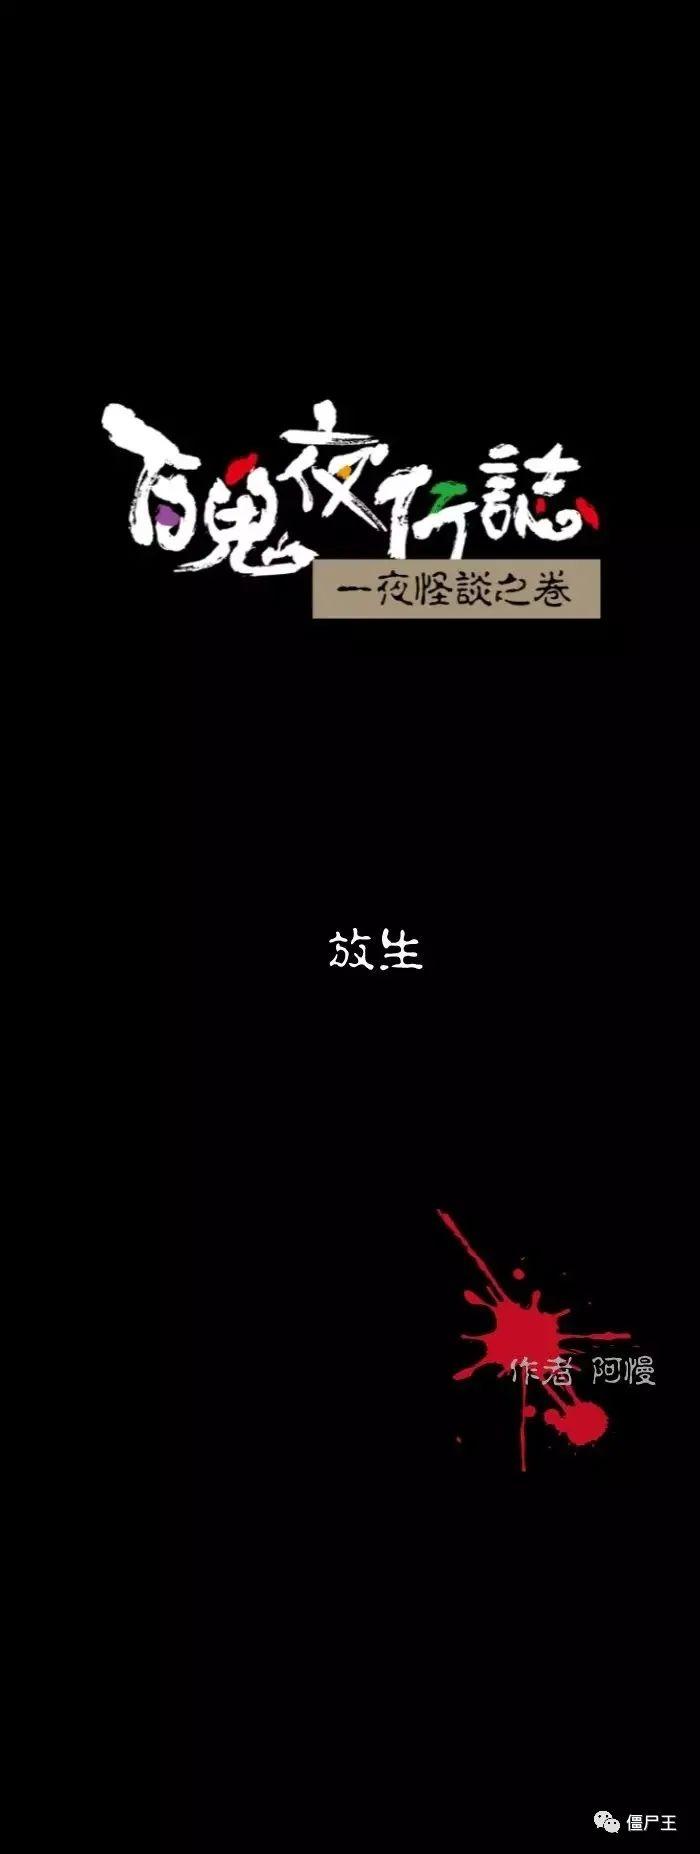 僵尸王漫画:百鬼夜行记之放生